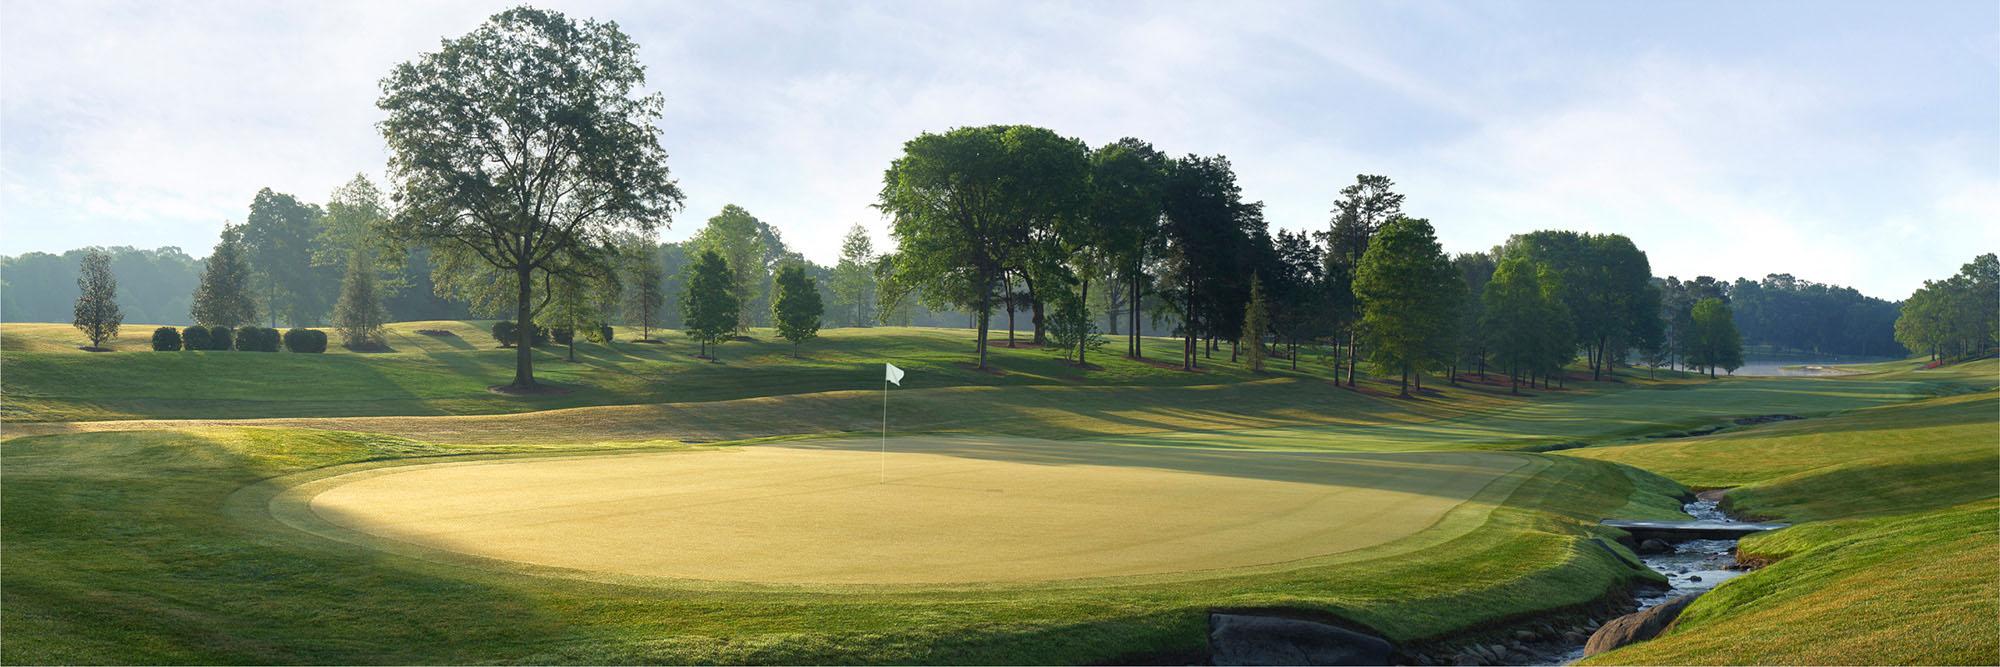 Golf Course Image - Quail Hollow No. 18